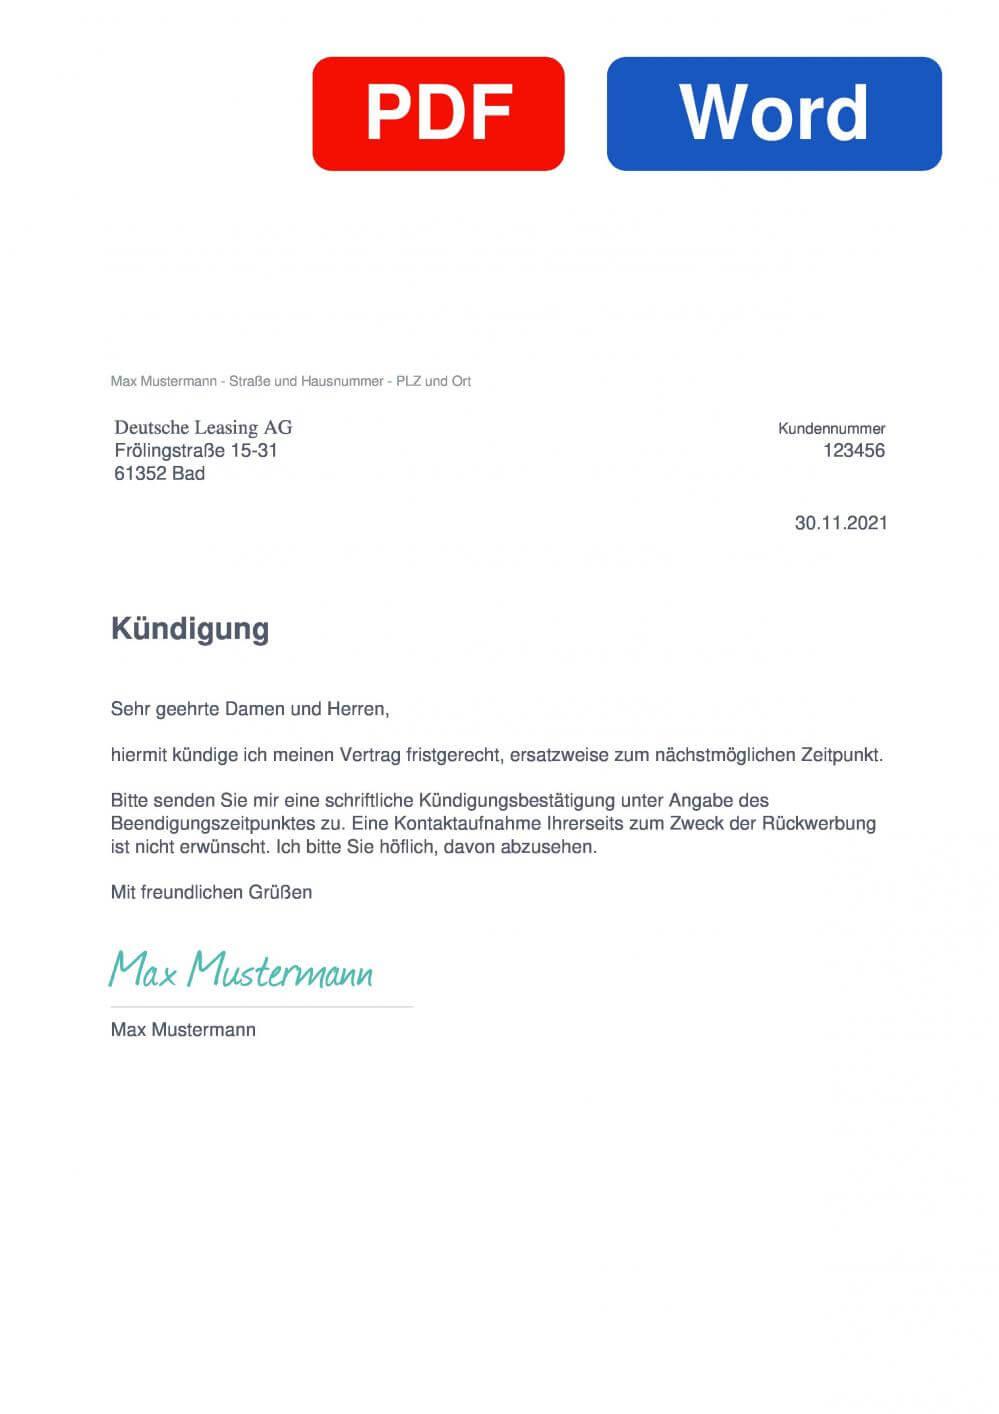 Deutsche Leasing Finance Muster Vorlage für Kündigungsschreiben